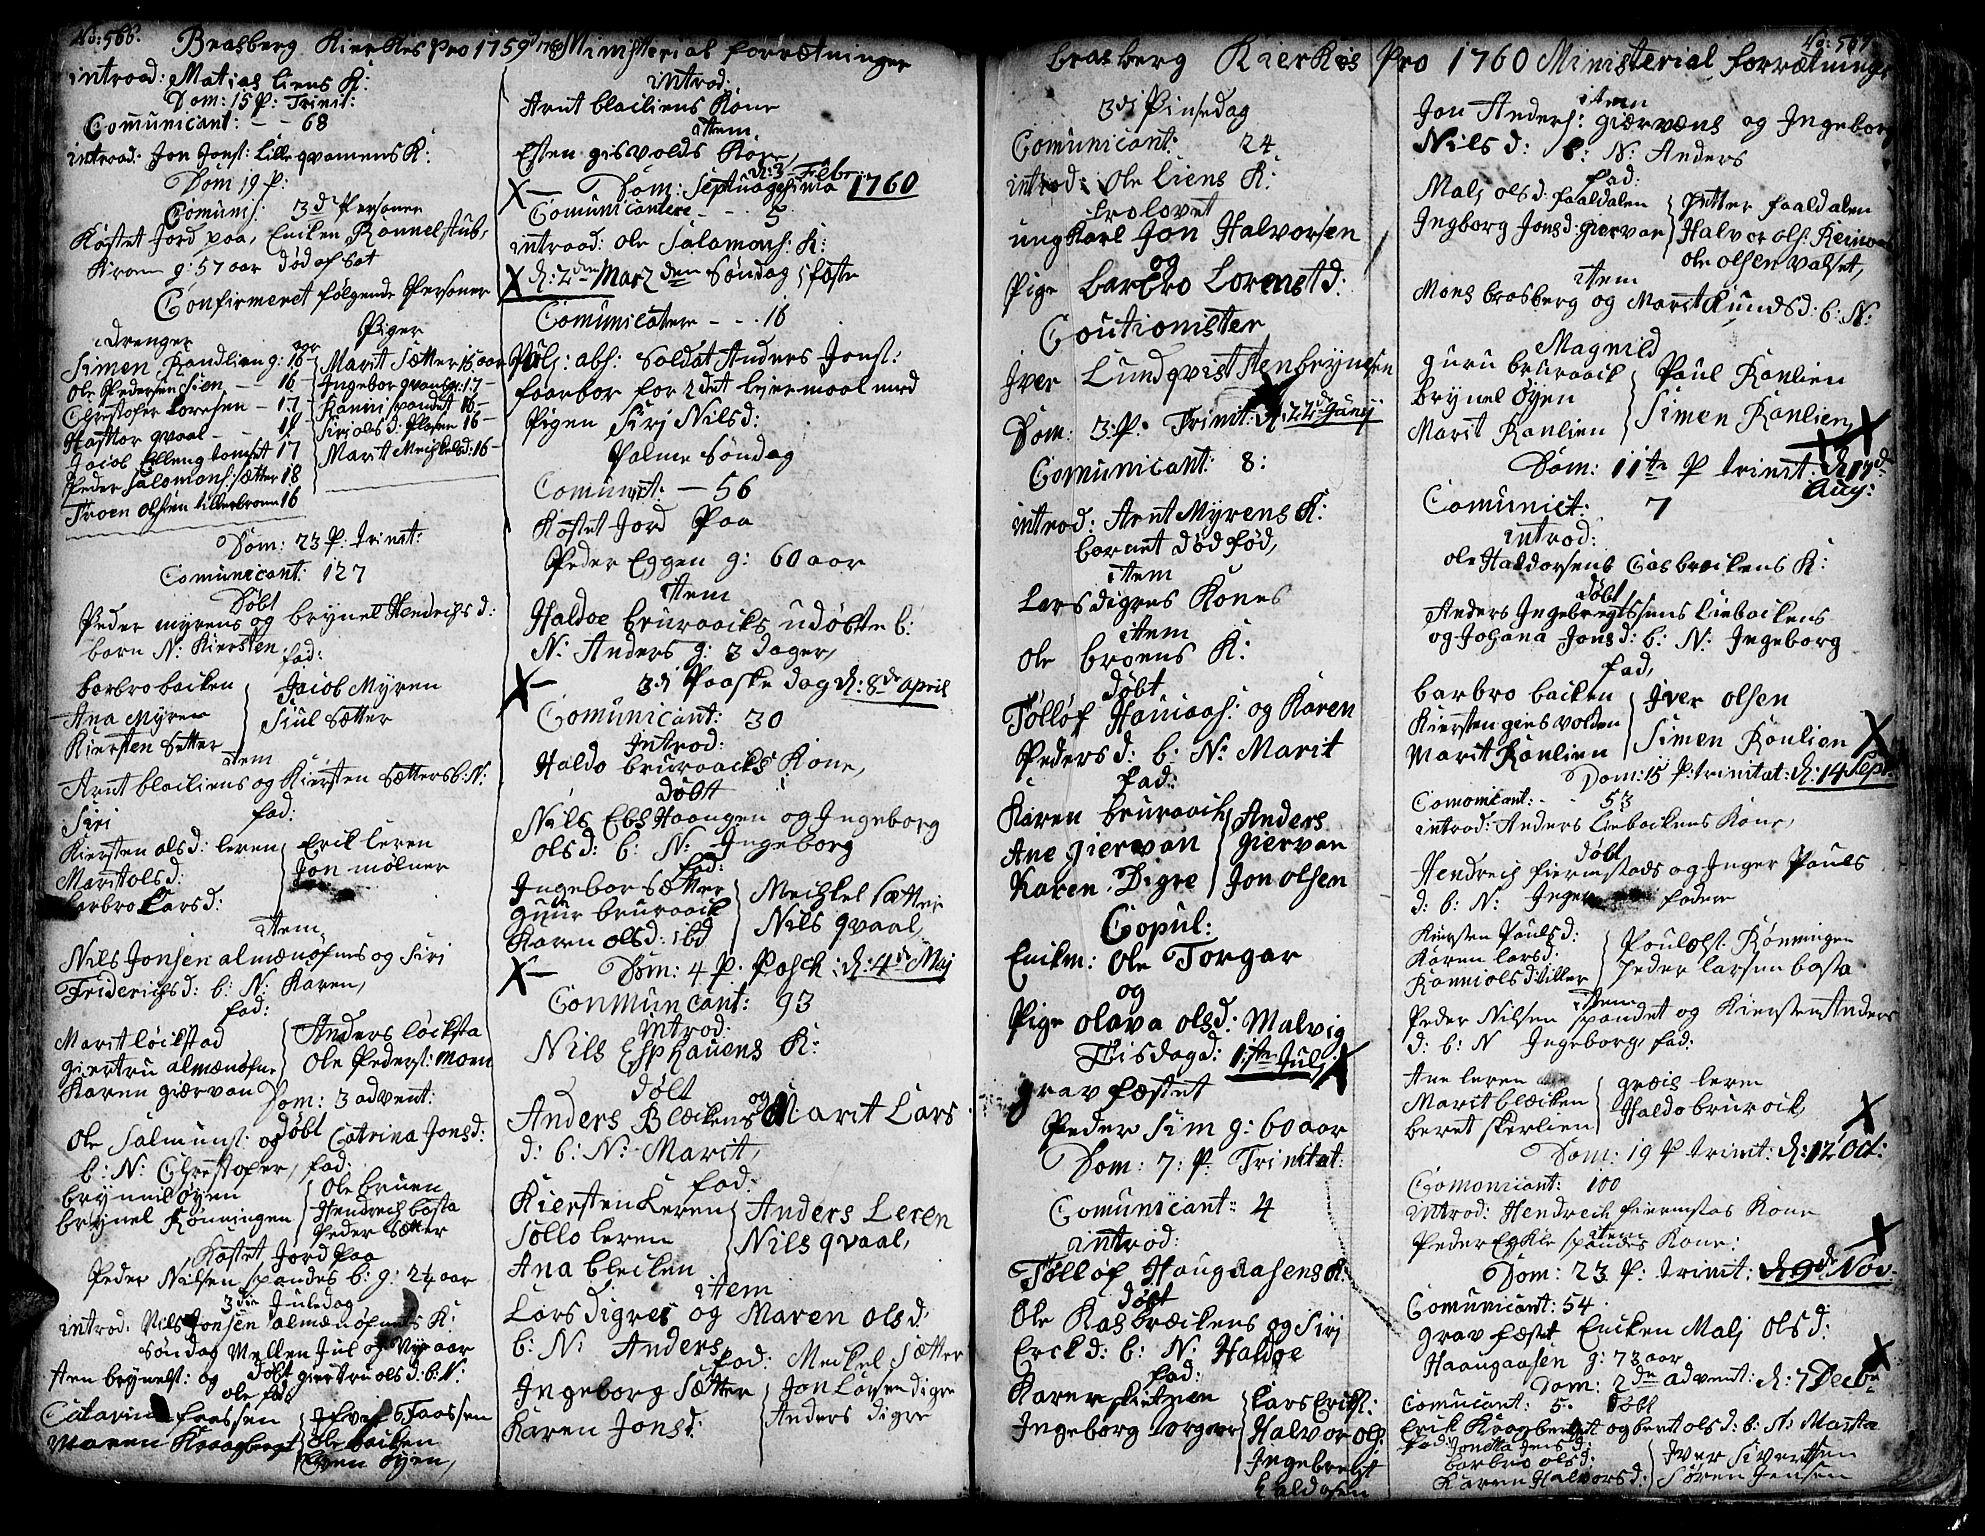 SAT, Ministerialprotokoller, klokkerbøker og fødselsregistre - Sør-Trøndelag, 606/L0278: Ministerialbok nr. 606A01 /4, 1727-1780, s. 566-567